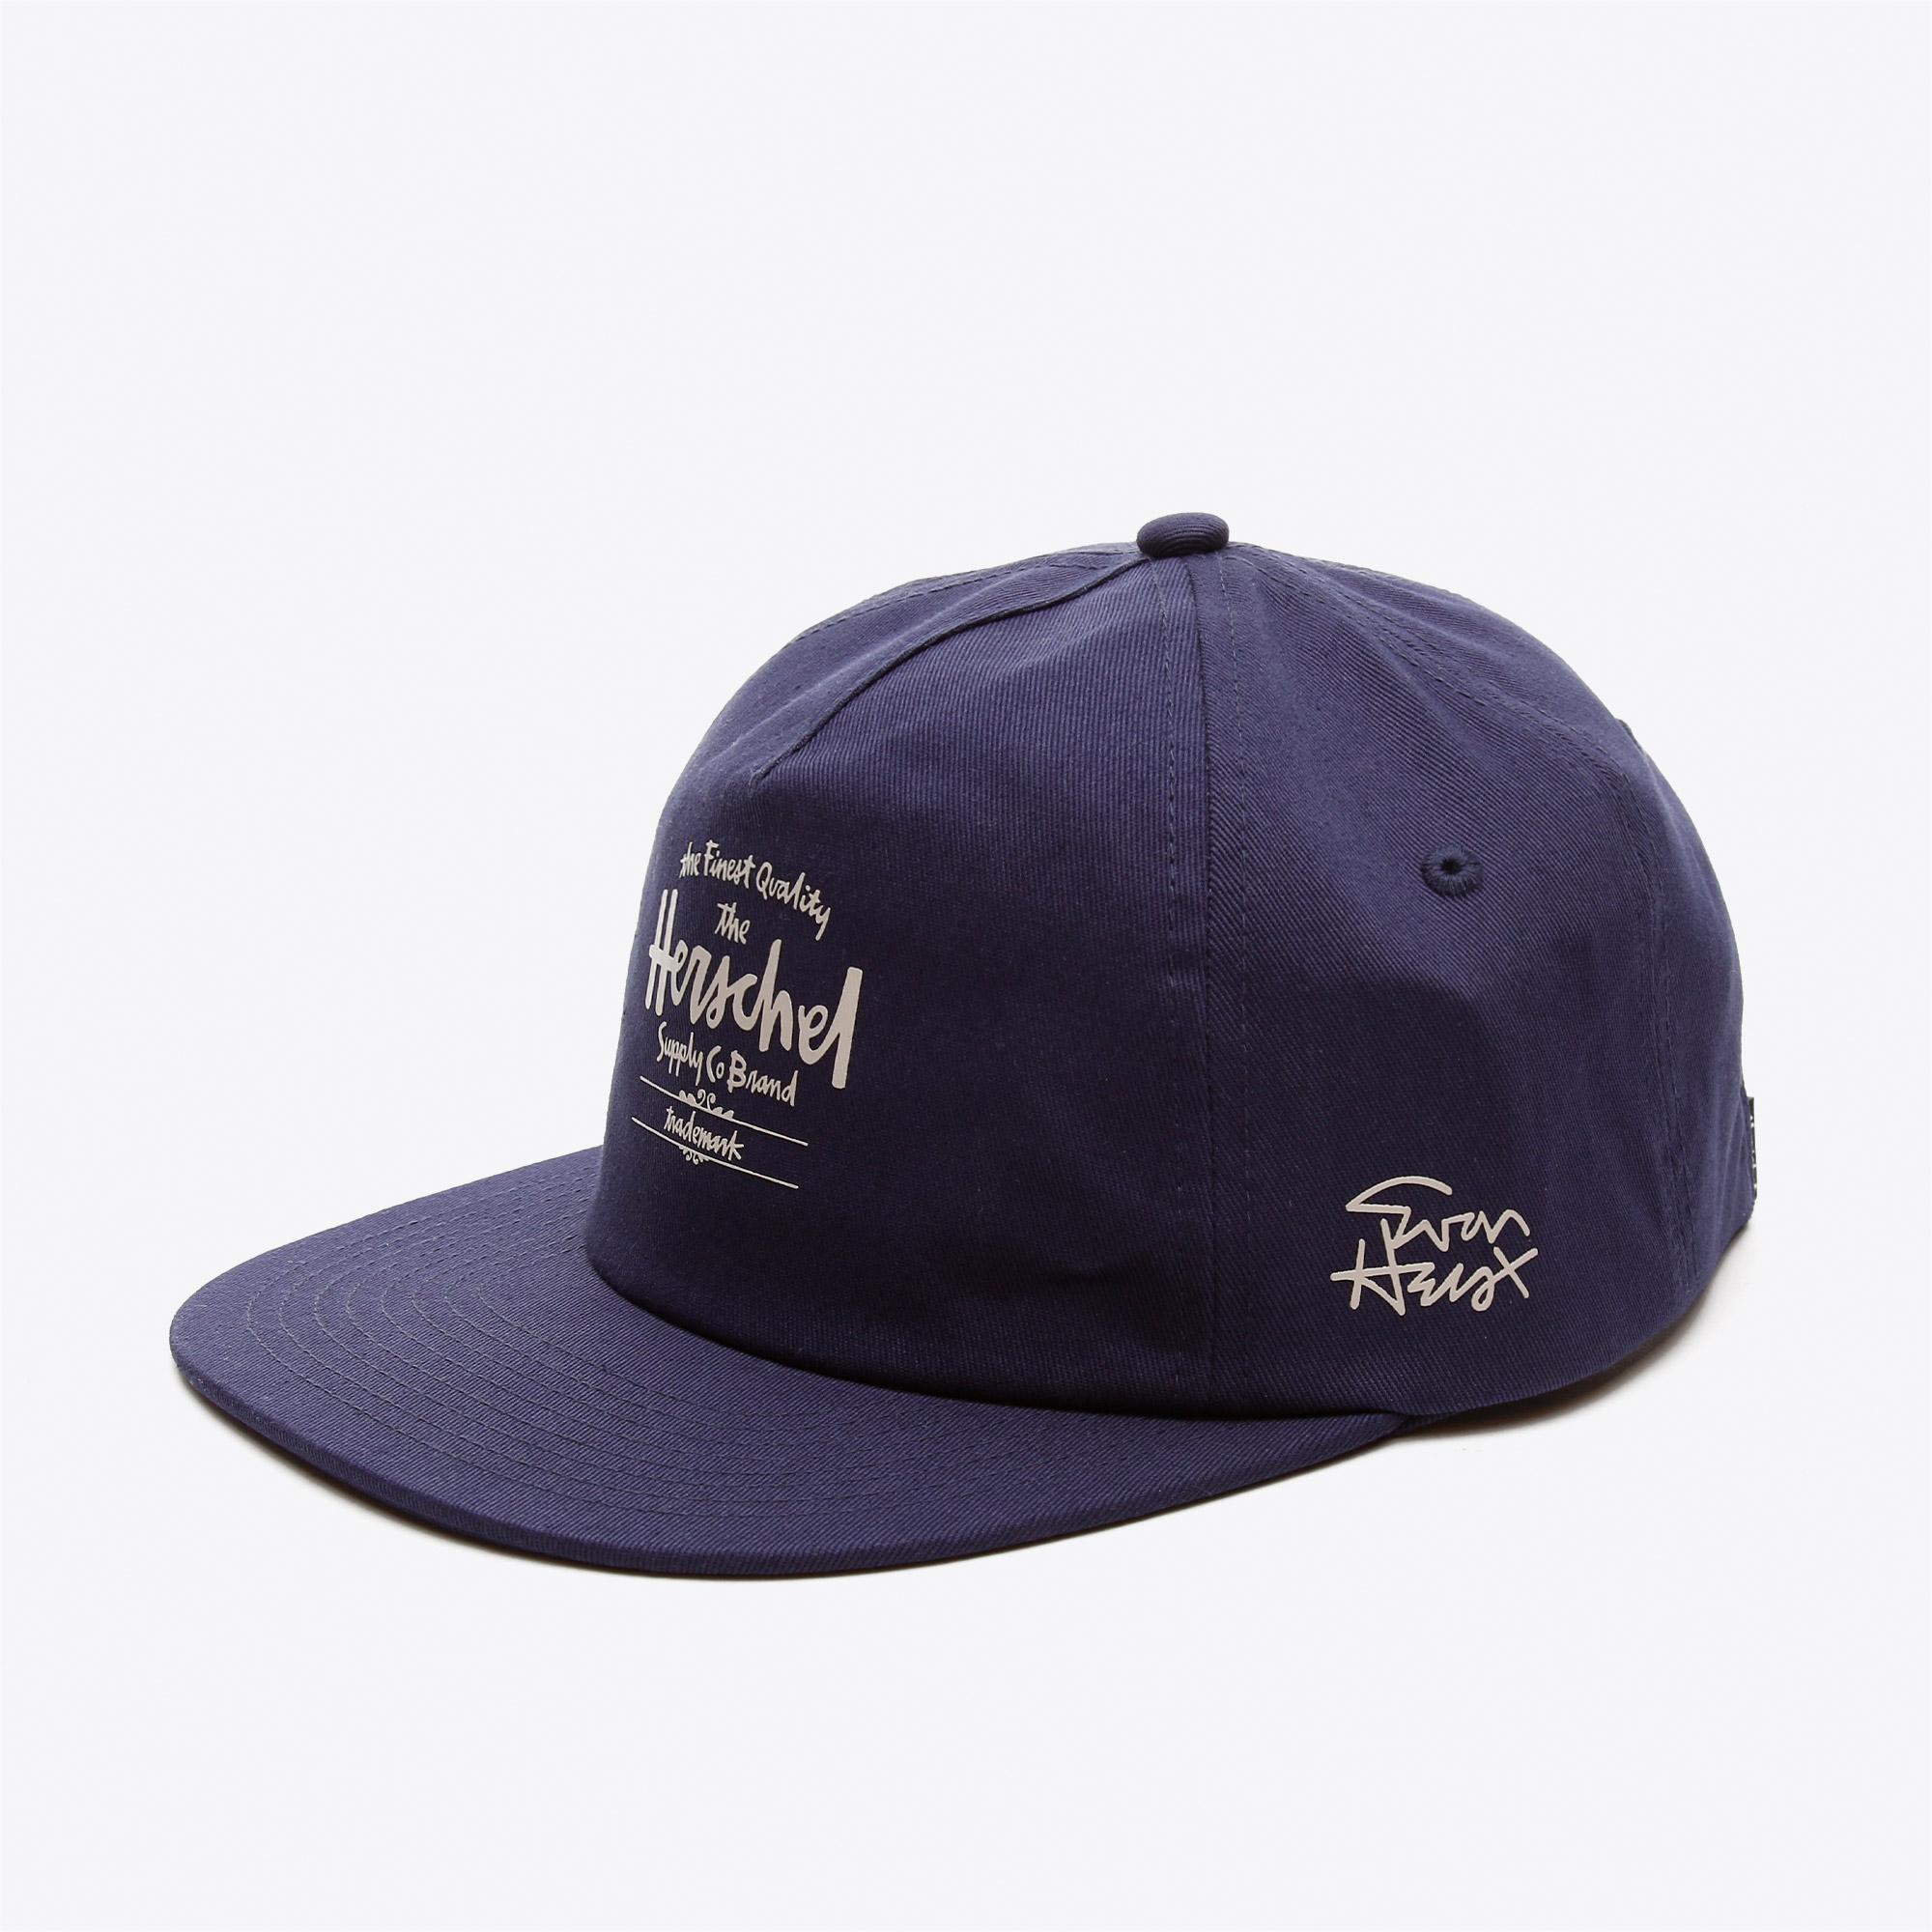 Herschel x Evan Hecox Siyah Unisex Şapka